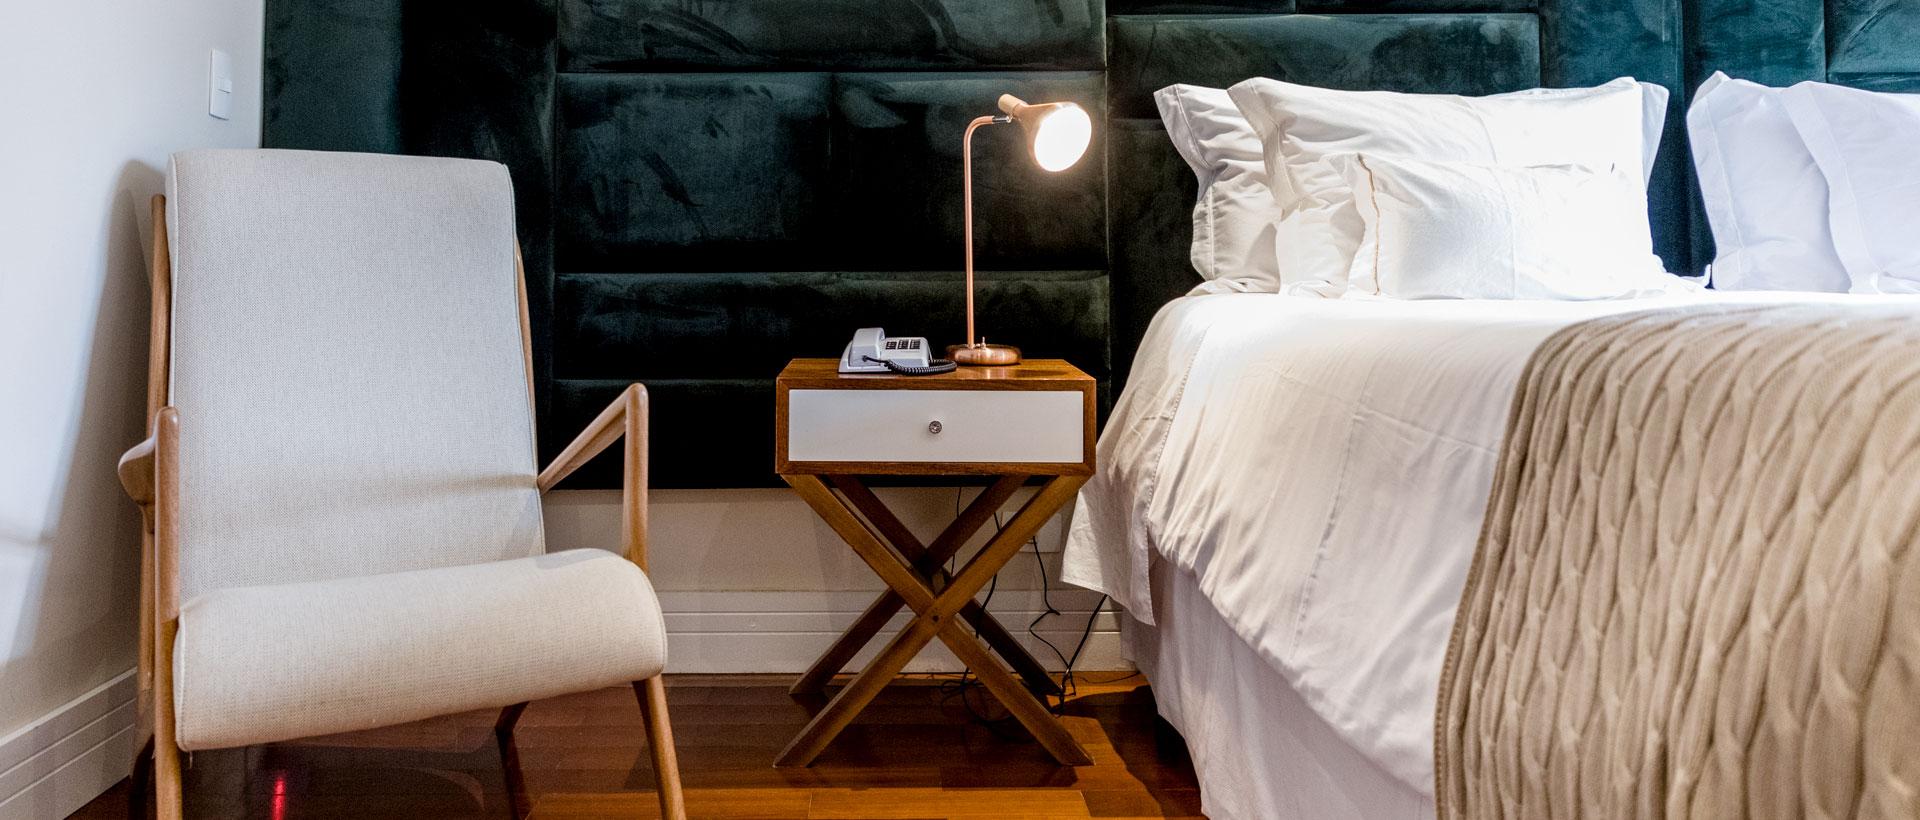 cedro-hotel-boutique-quebra-noz-conforto-e-natureza2